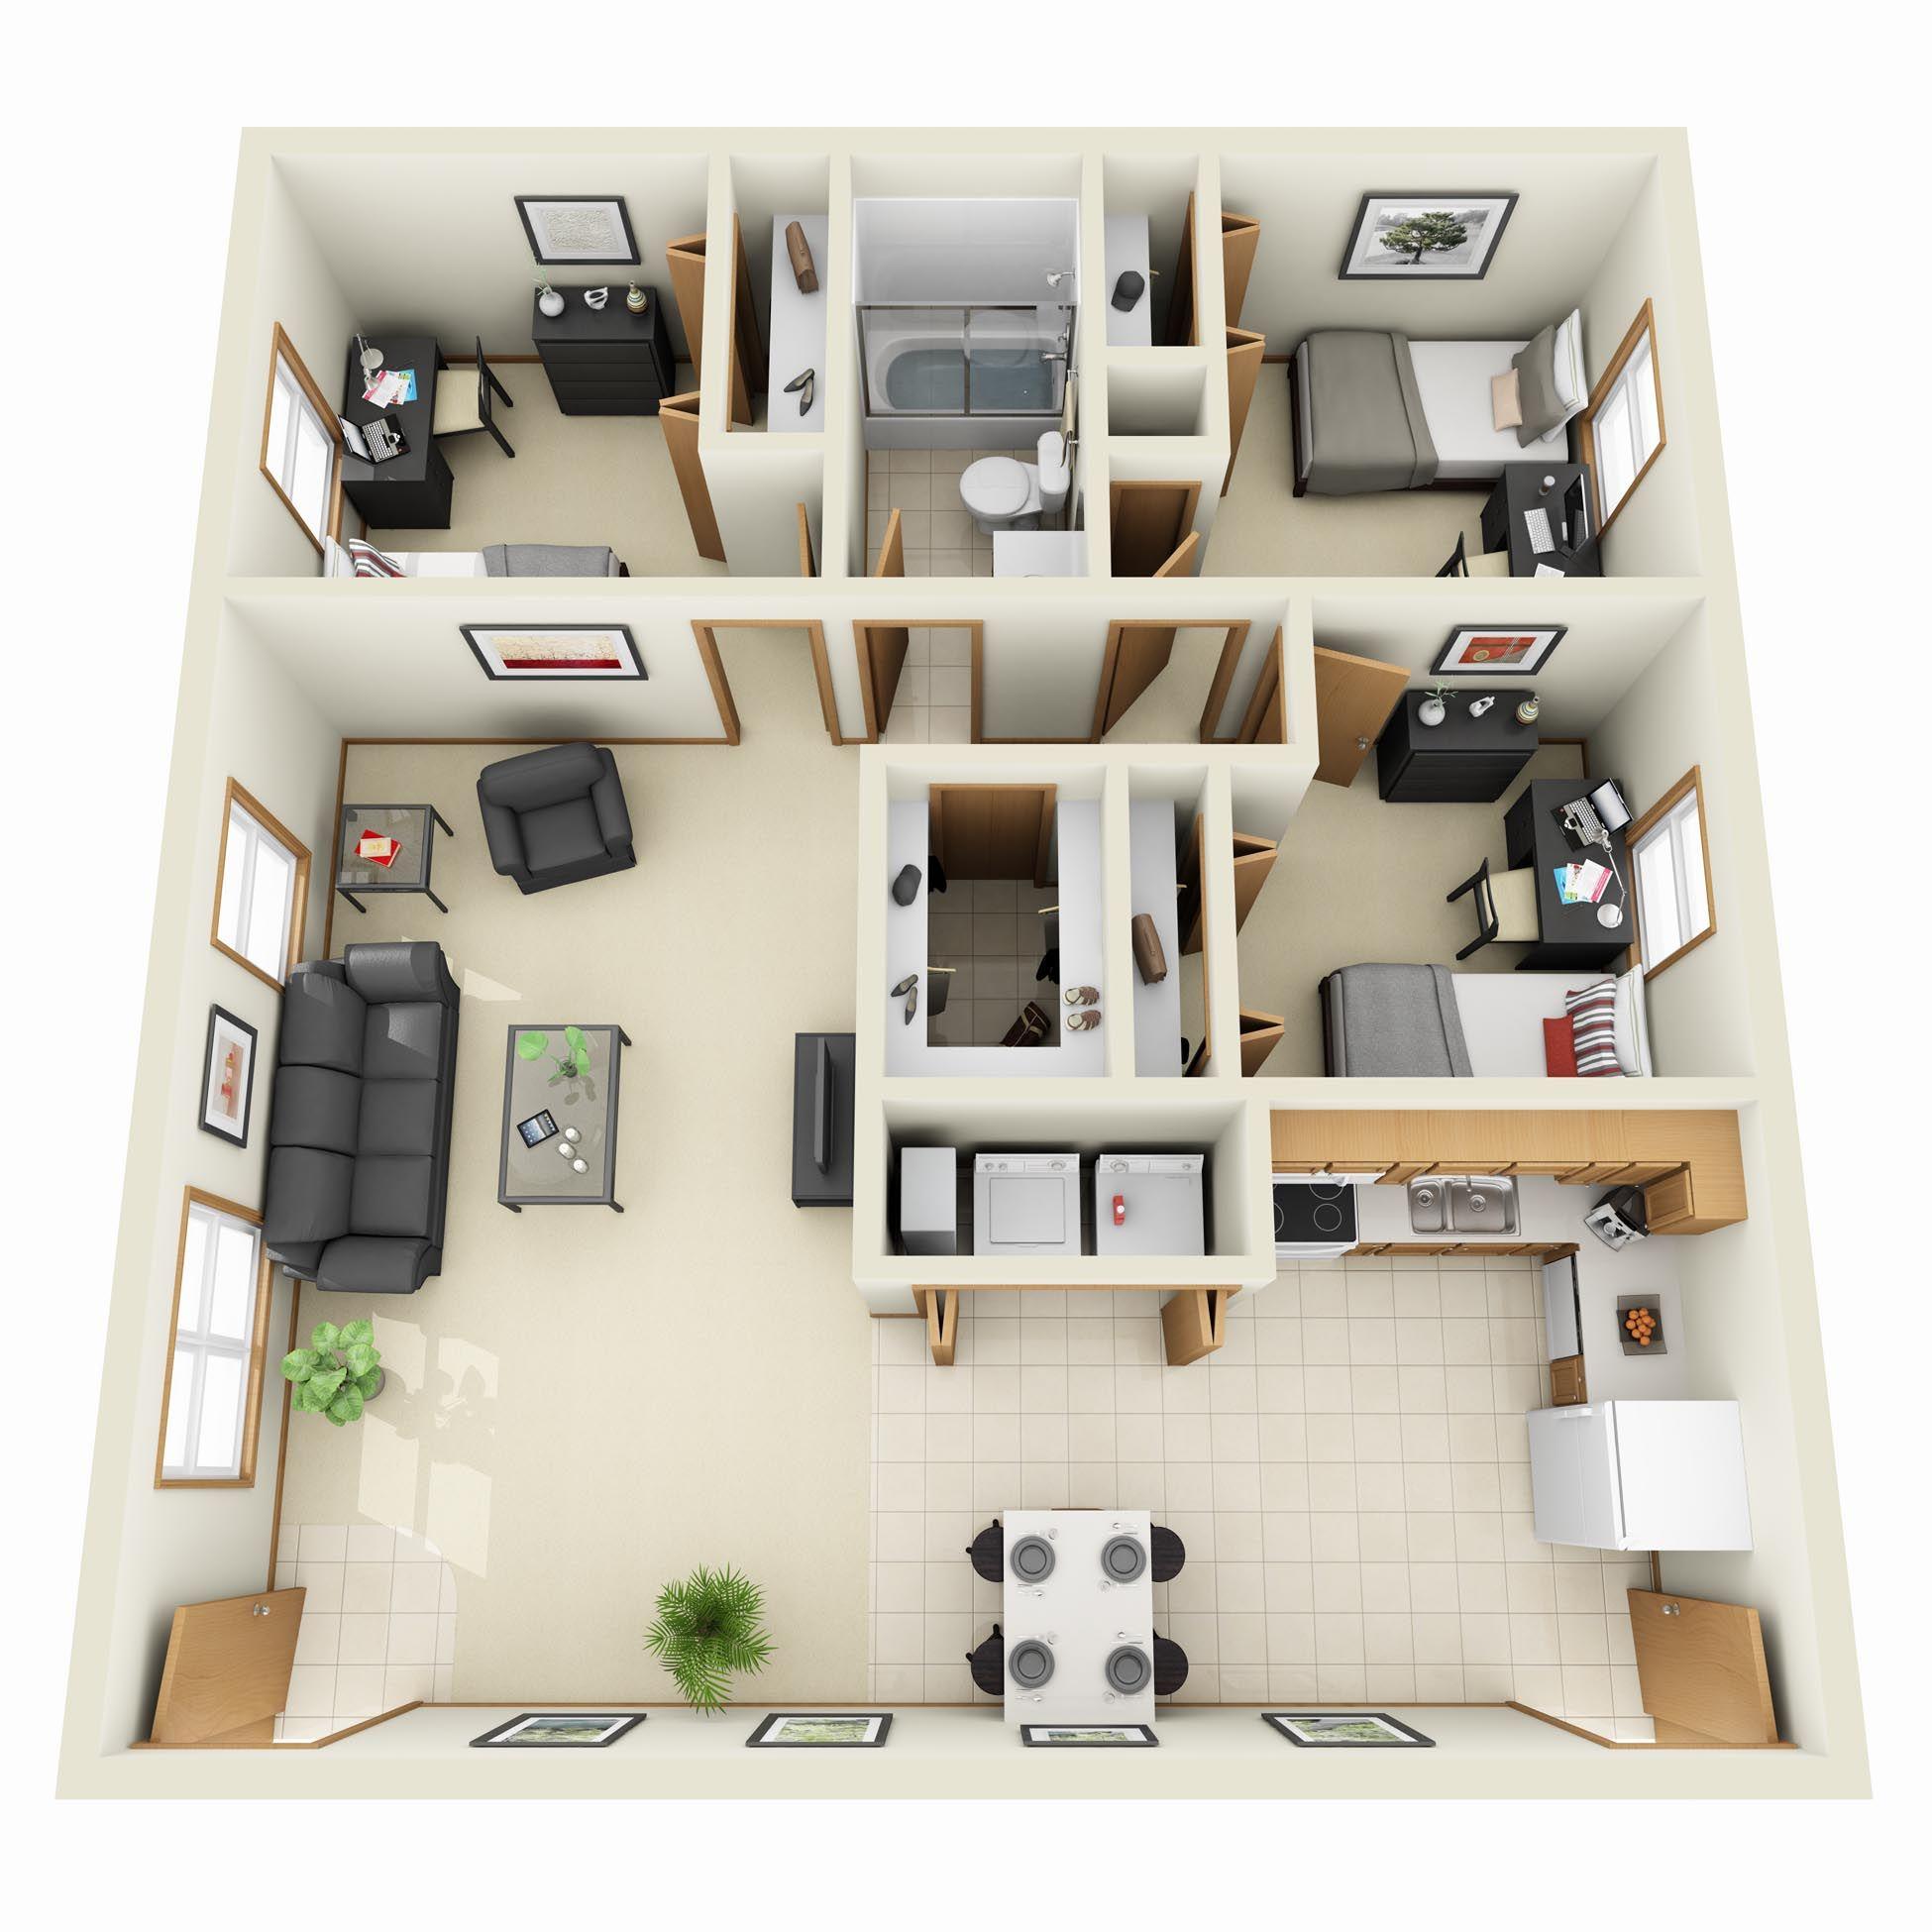 3d floor plan apartment google search house plans pinterest planos planos de casas y casas. Black Bedroom Furniture Sets. Home Design Ideas